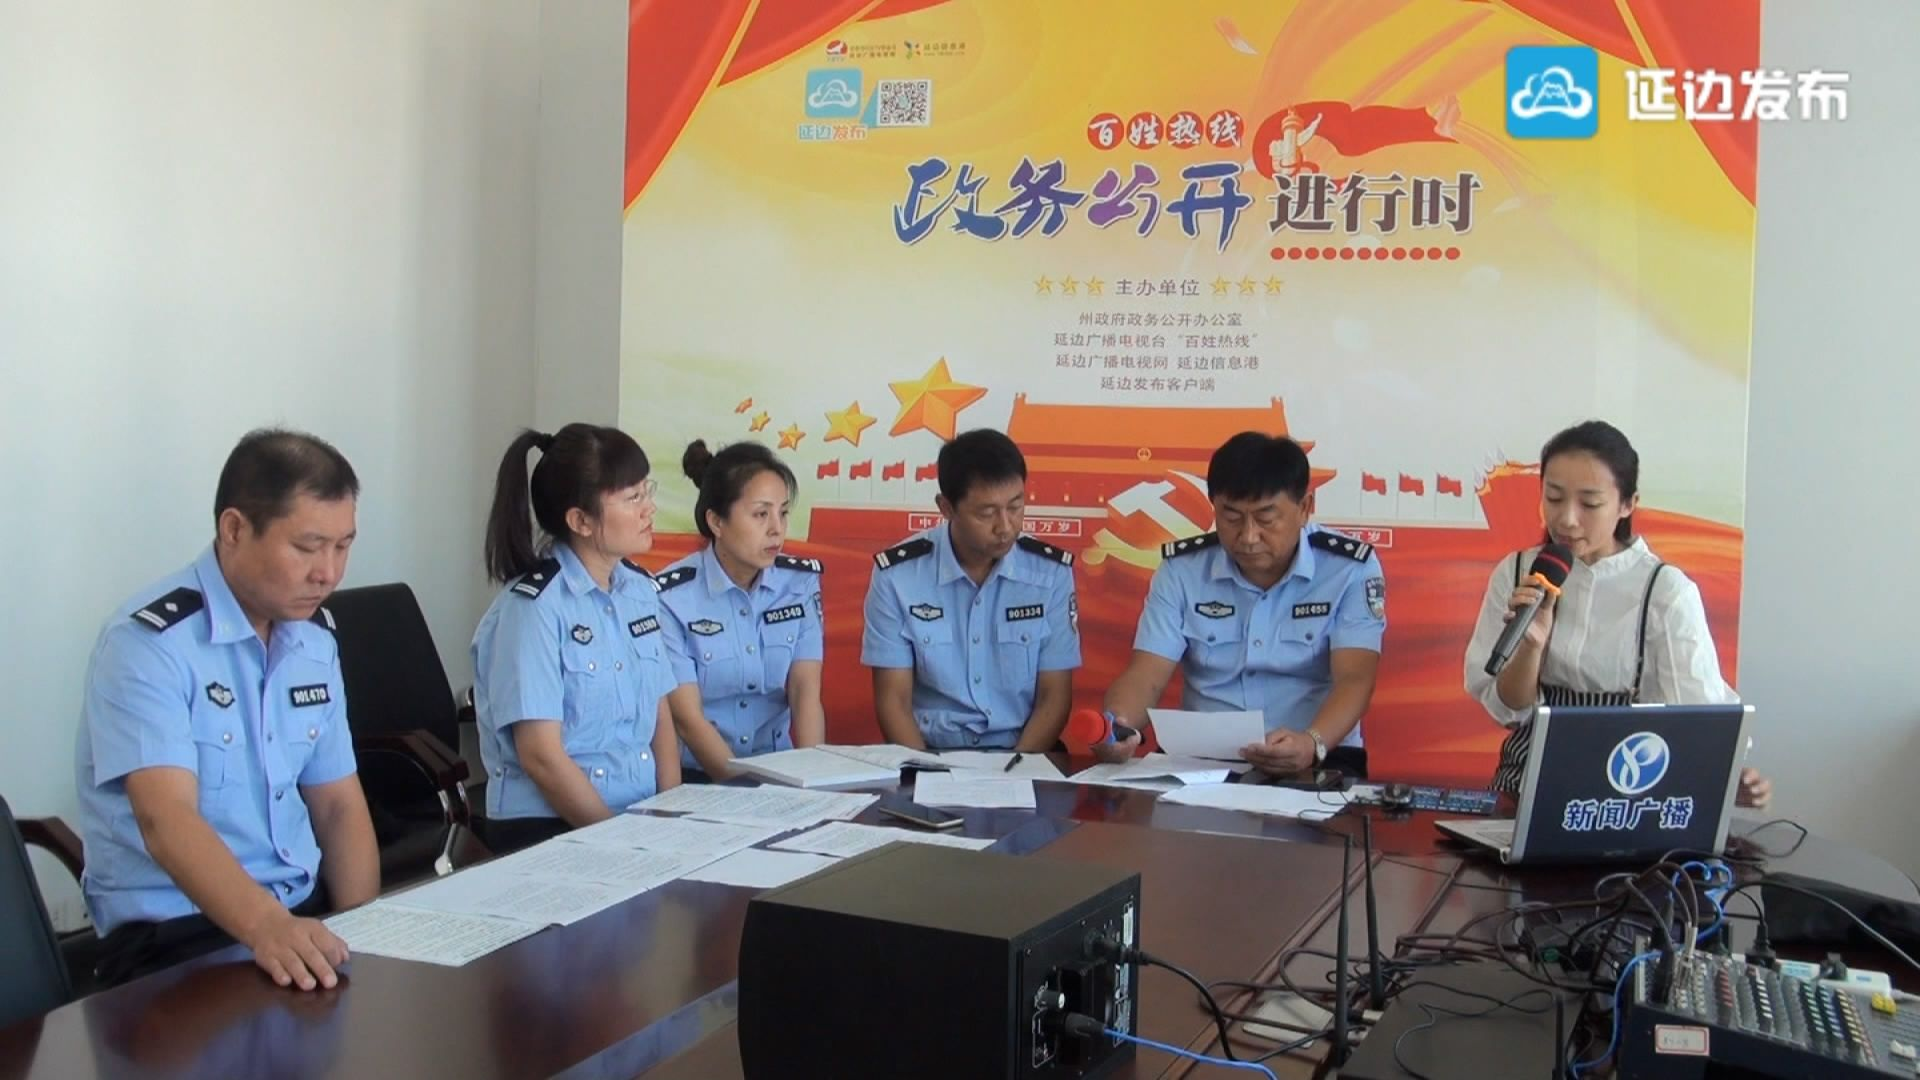 延吉市公安交警大隊做客百姓熱線政務公開進行時